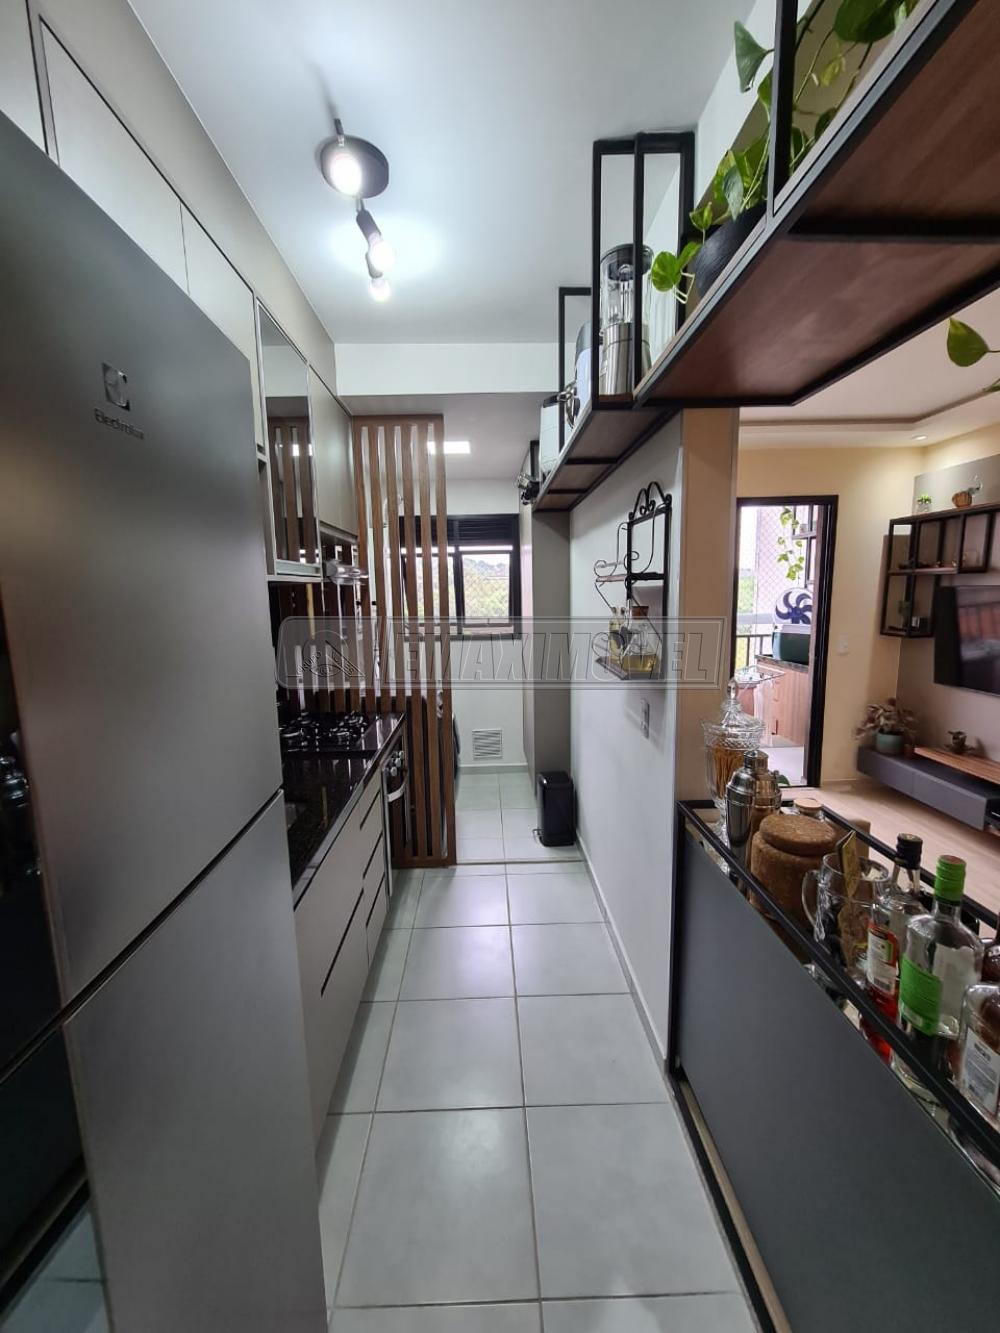 Comprar Apartamentos / Apto Padrão em Sorocaba R$ 350.000,00 - Foto 20